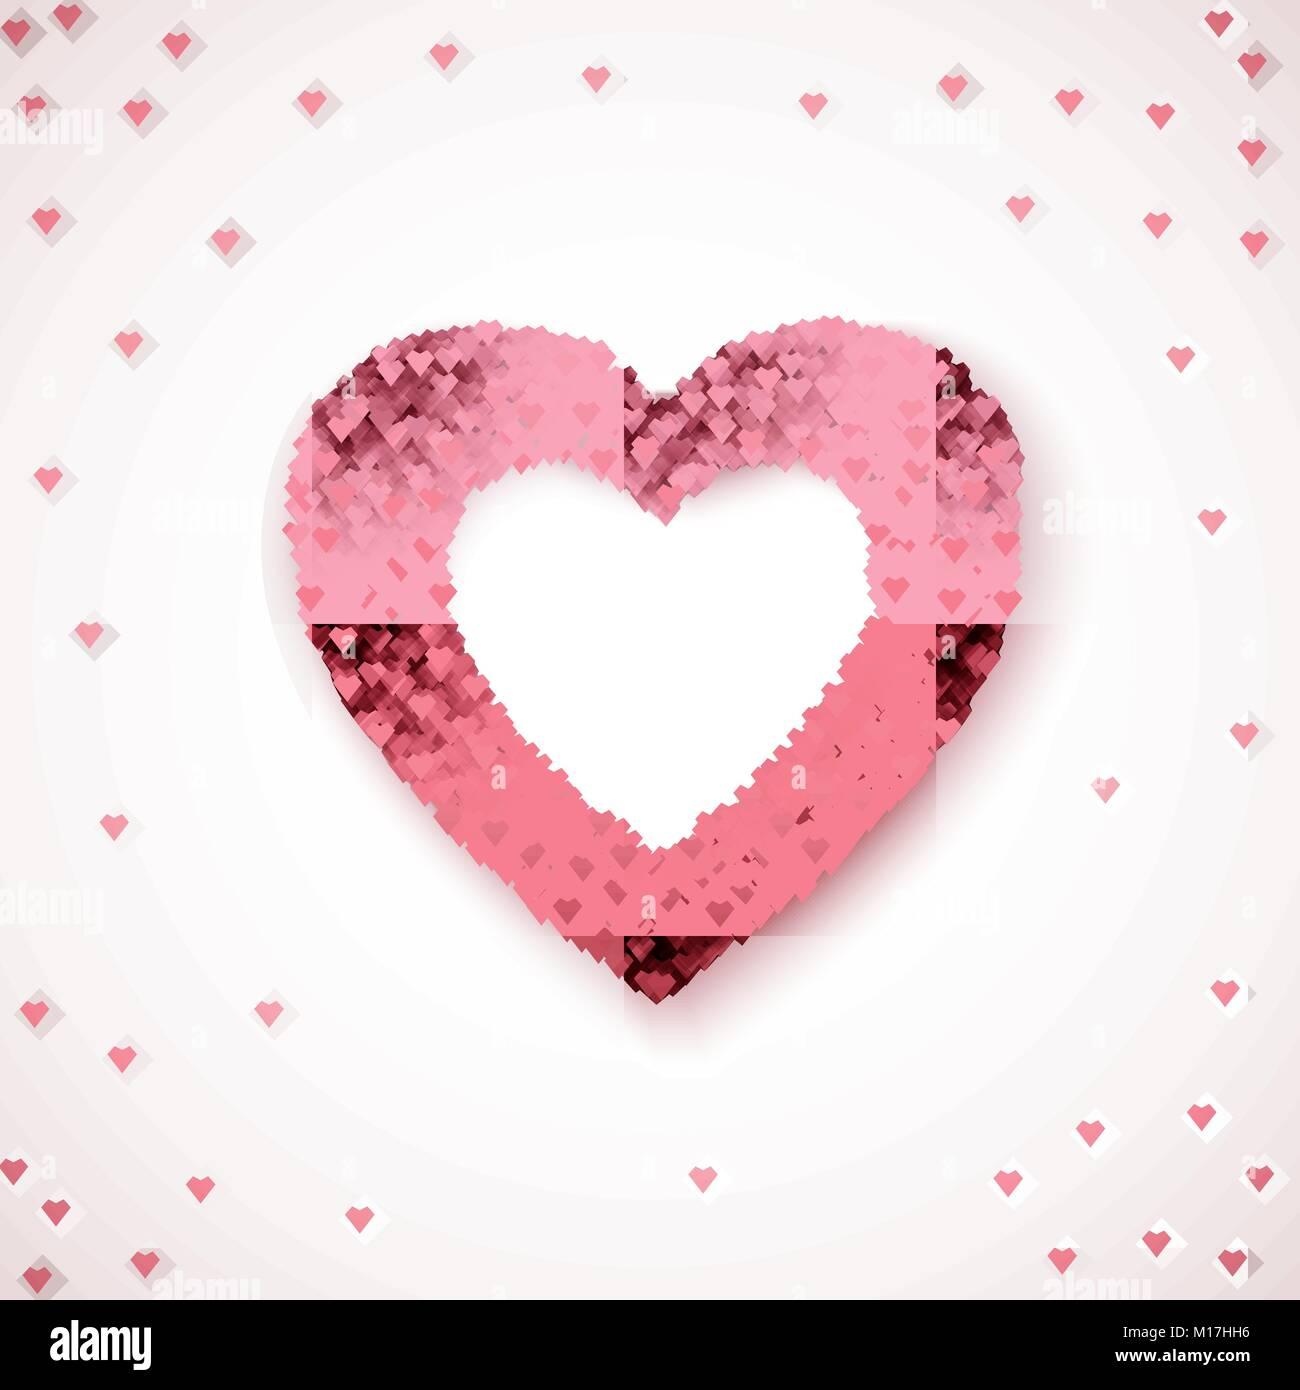 Herzform vorlage